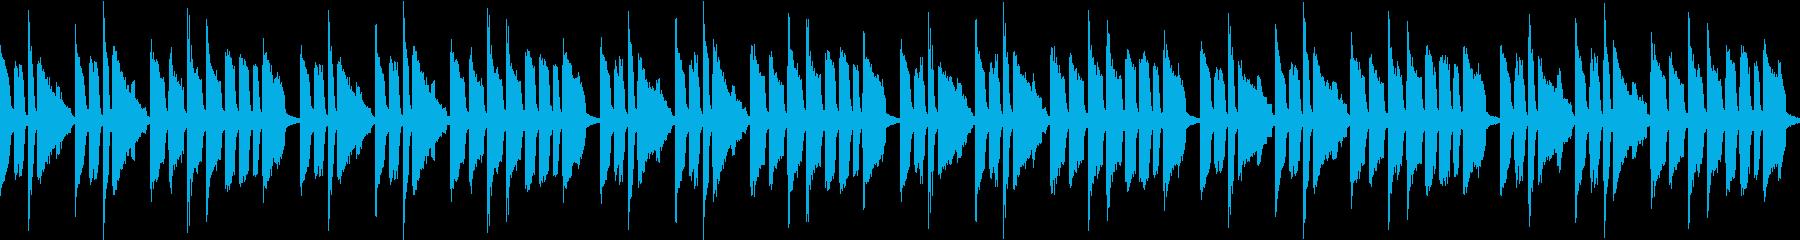 絵を描いているみたいな曲(ループ仕様)の再生済みの波形